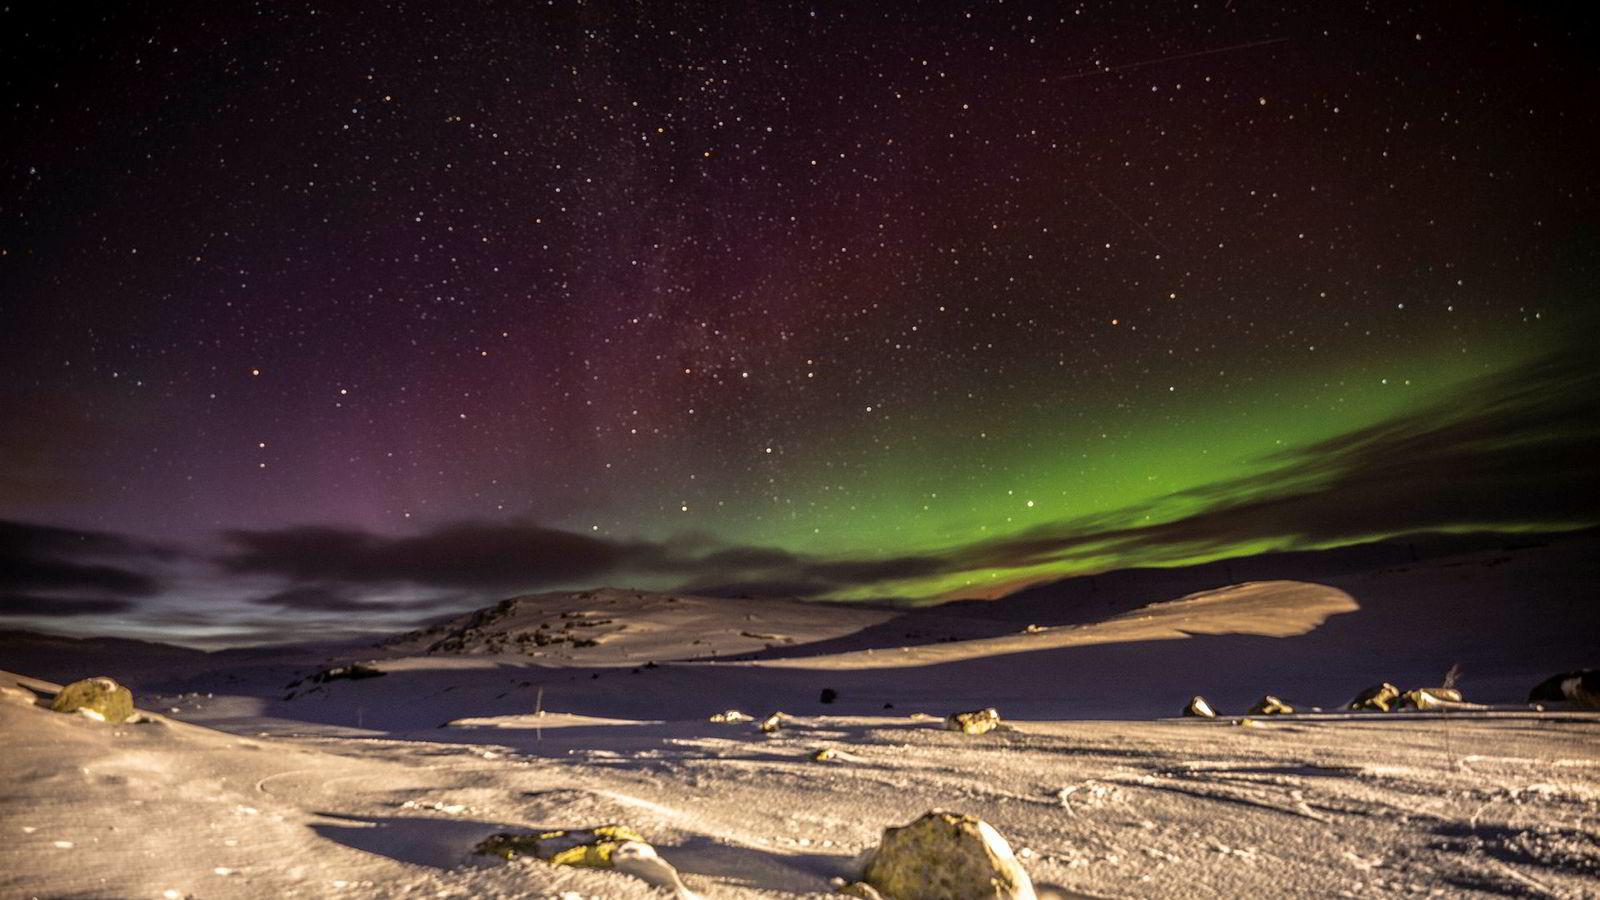 Det nye studiet gir trening i å lese stjernehimmelen. Her kaster nordlyset sin glas over Finsefjellet.